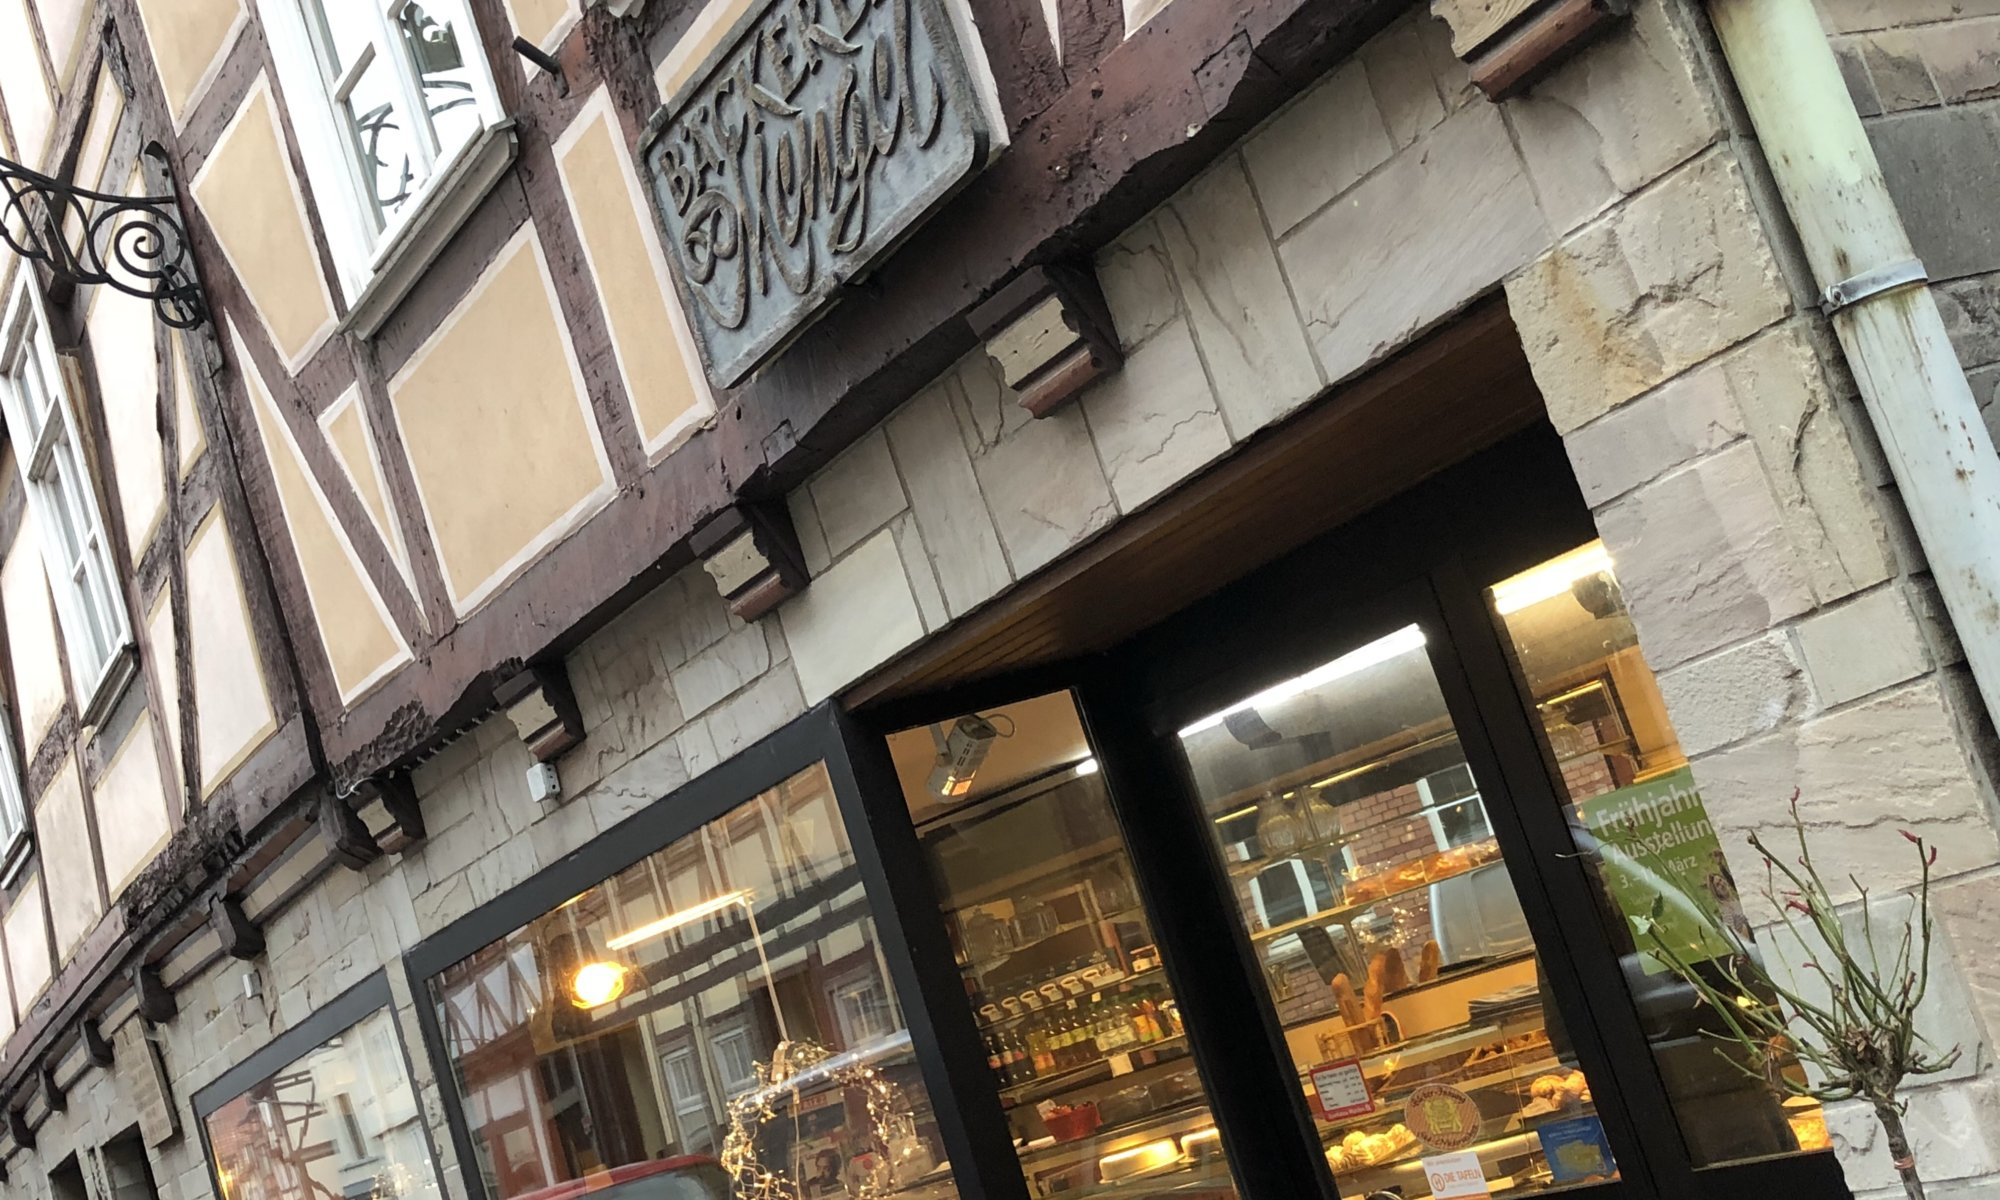 Stadtbäckerei & Konditorei Mengel, Hann. Münden